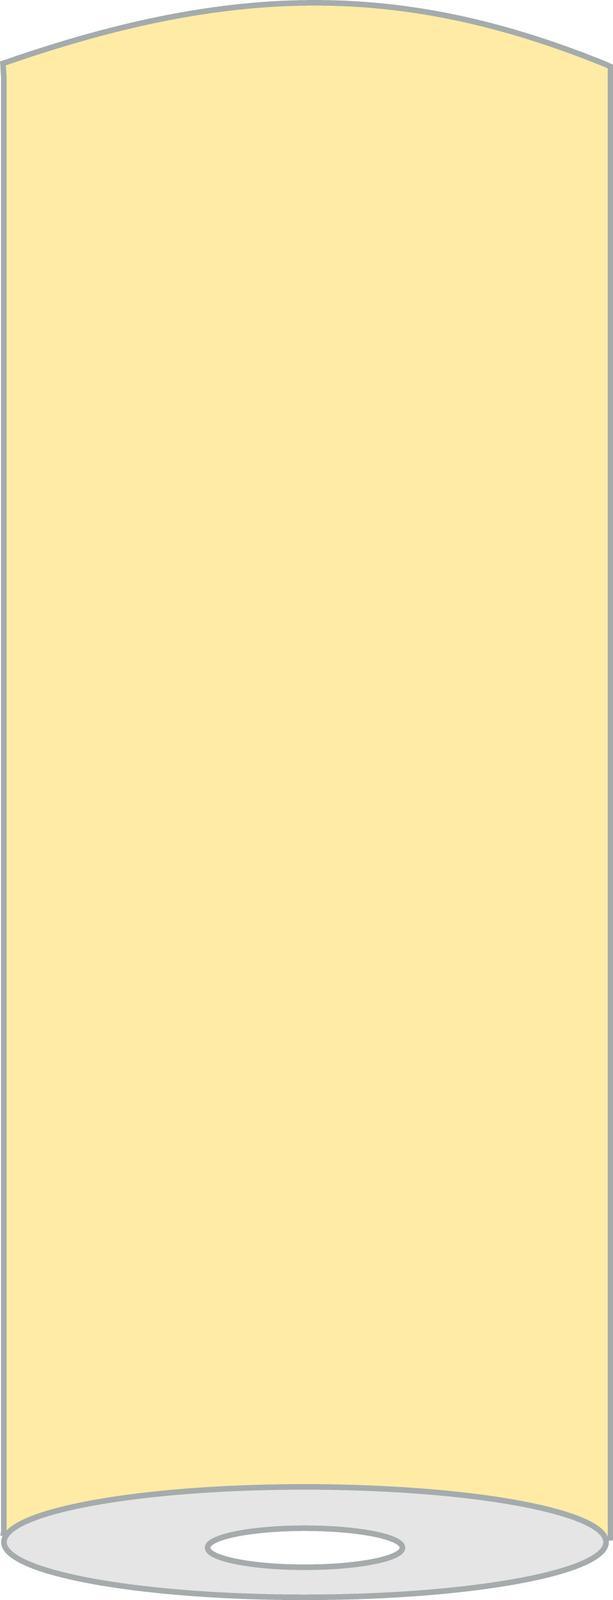 Šerpy jednofarebné zn. Mank - rôzne farby - Obrázok č. 4